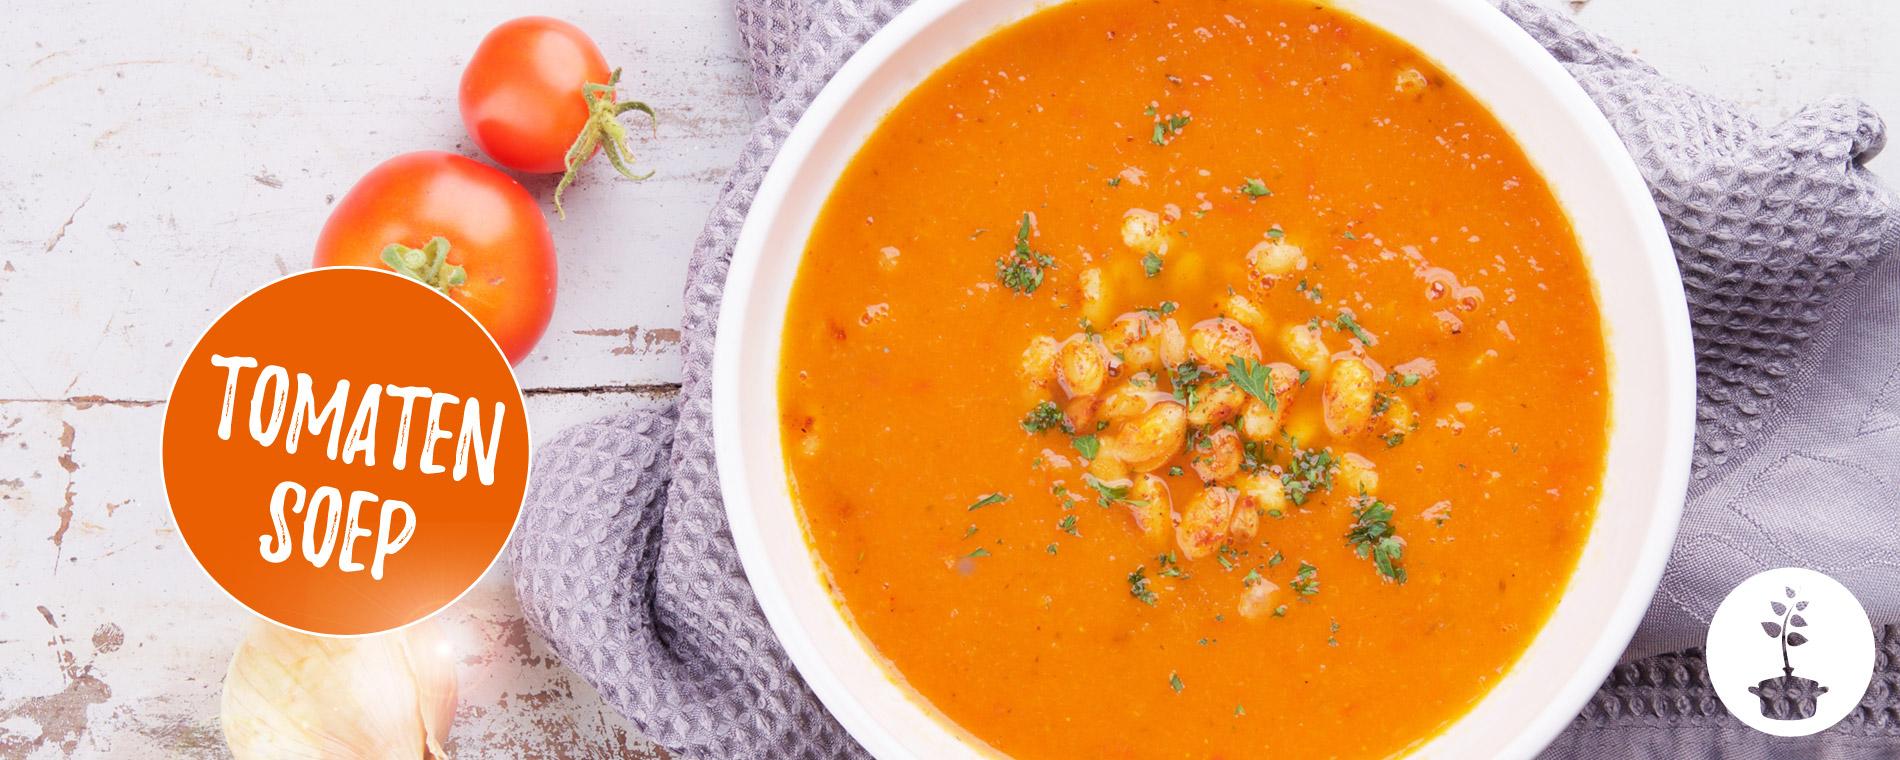 Tomatensoep maken - recept